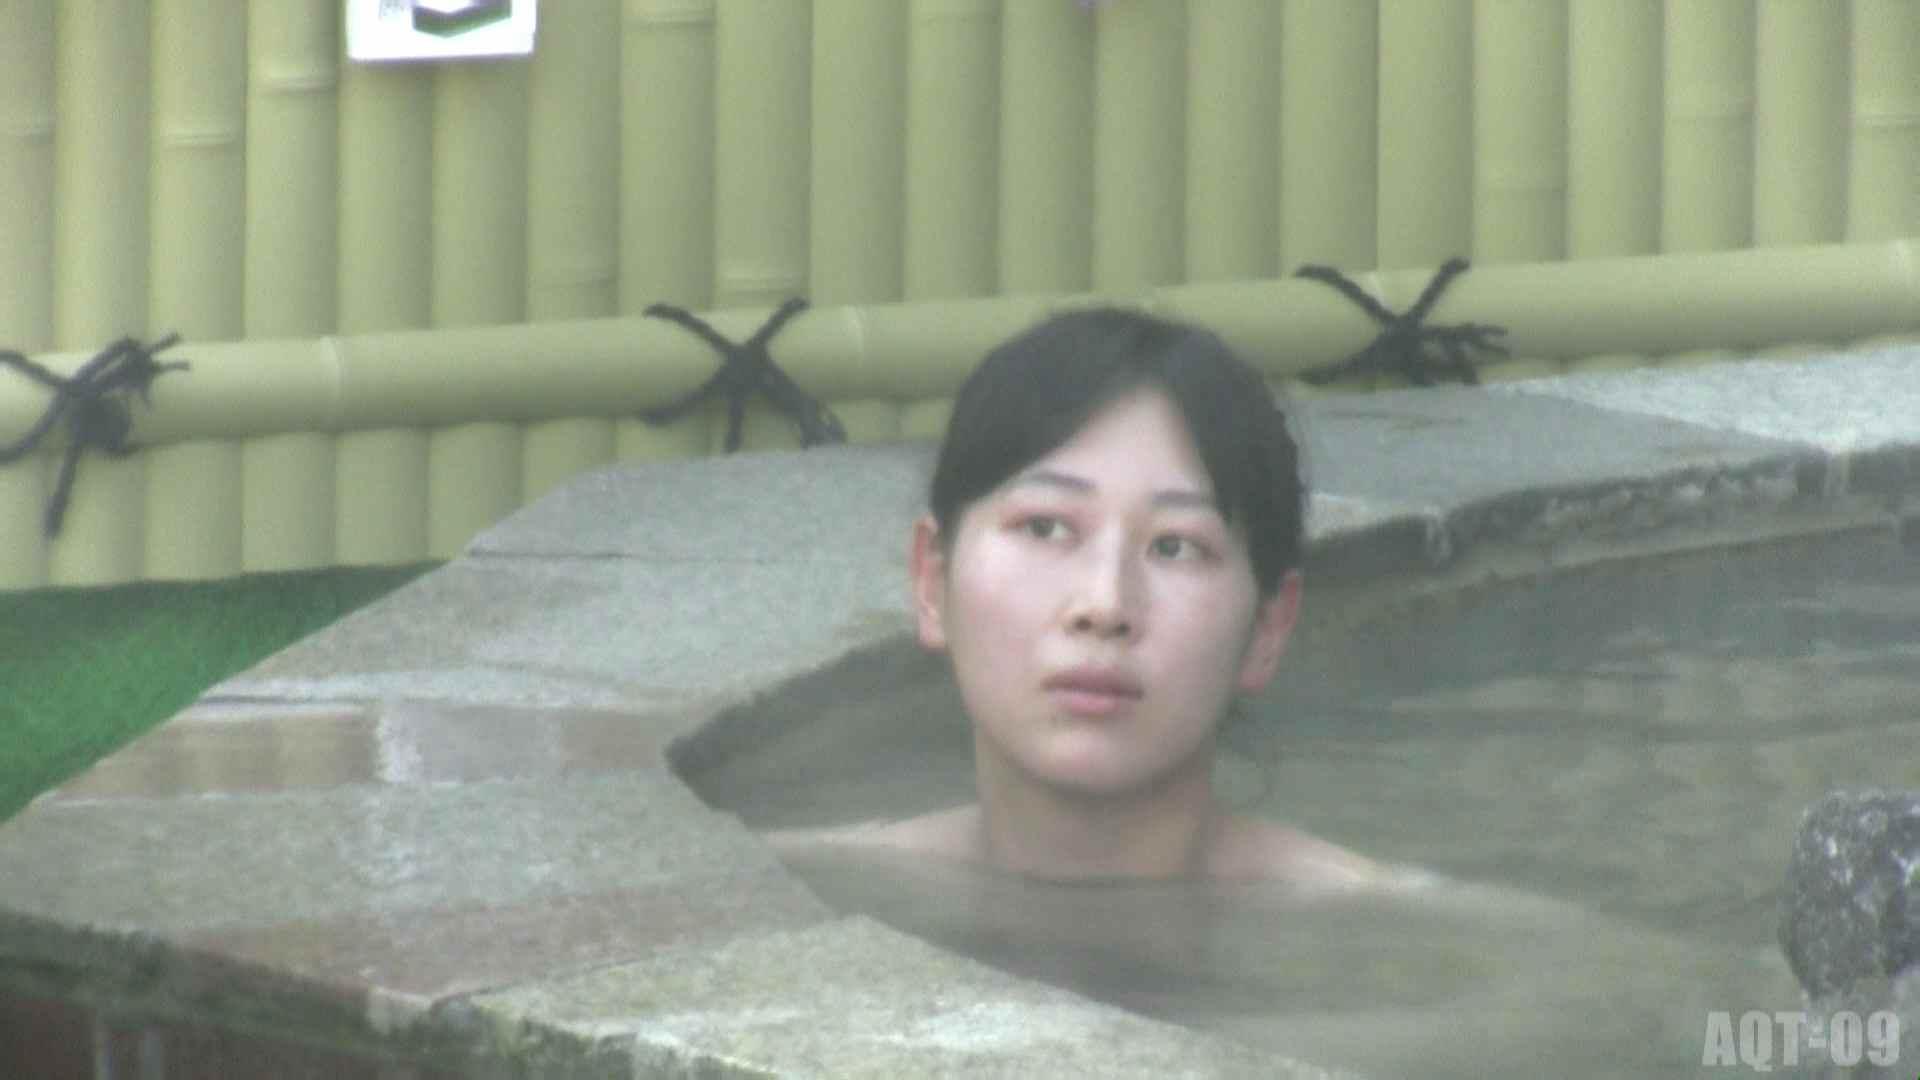 Aquaな露天風呂Vol.785 美しいOLの裸体  84pic 78